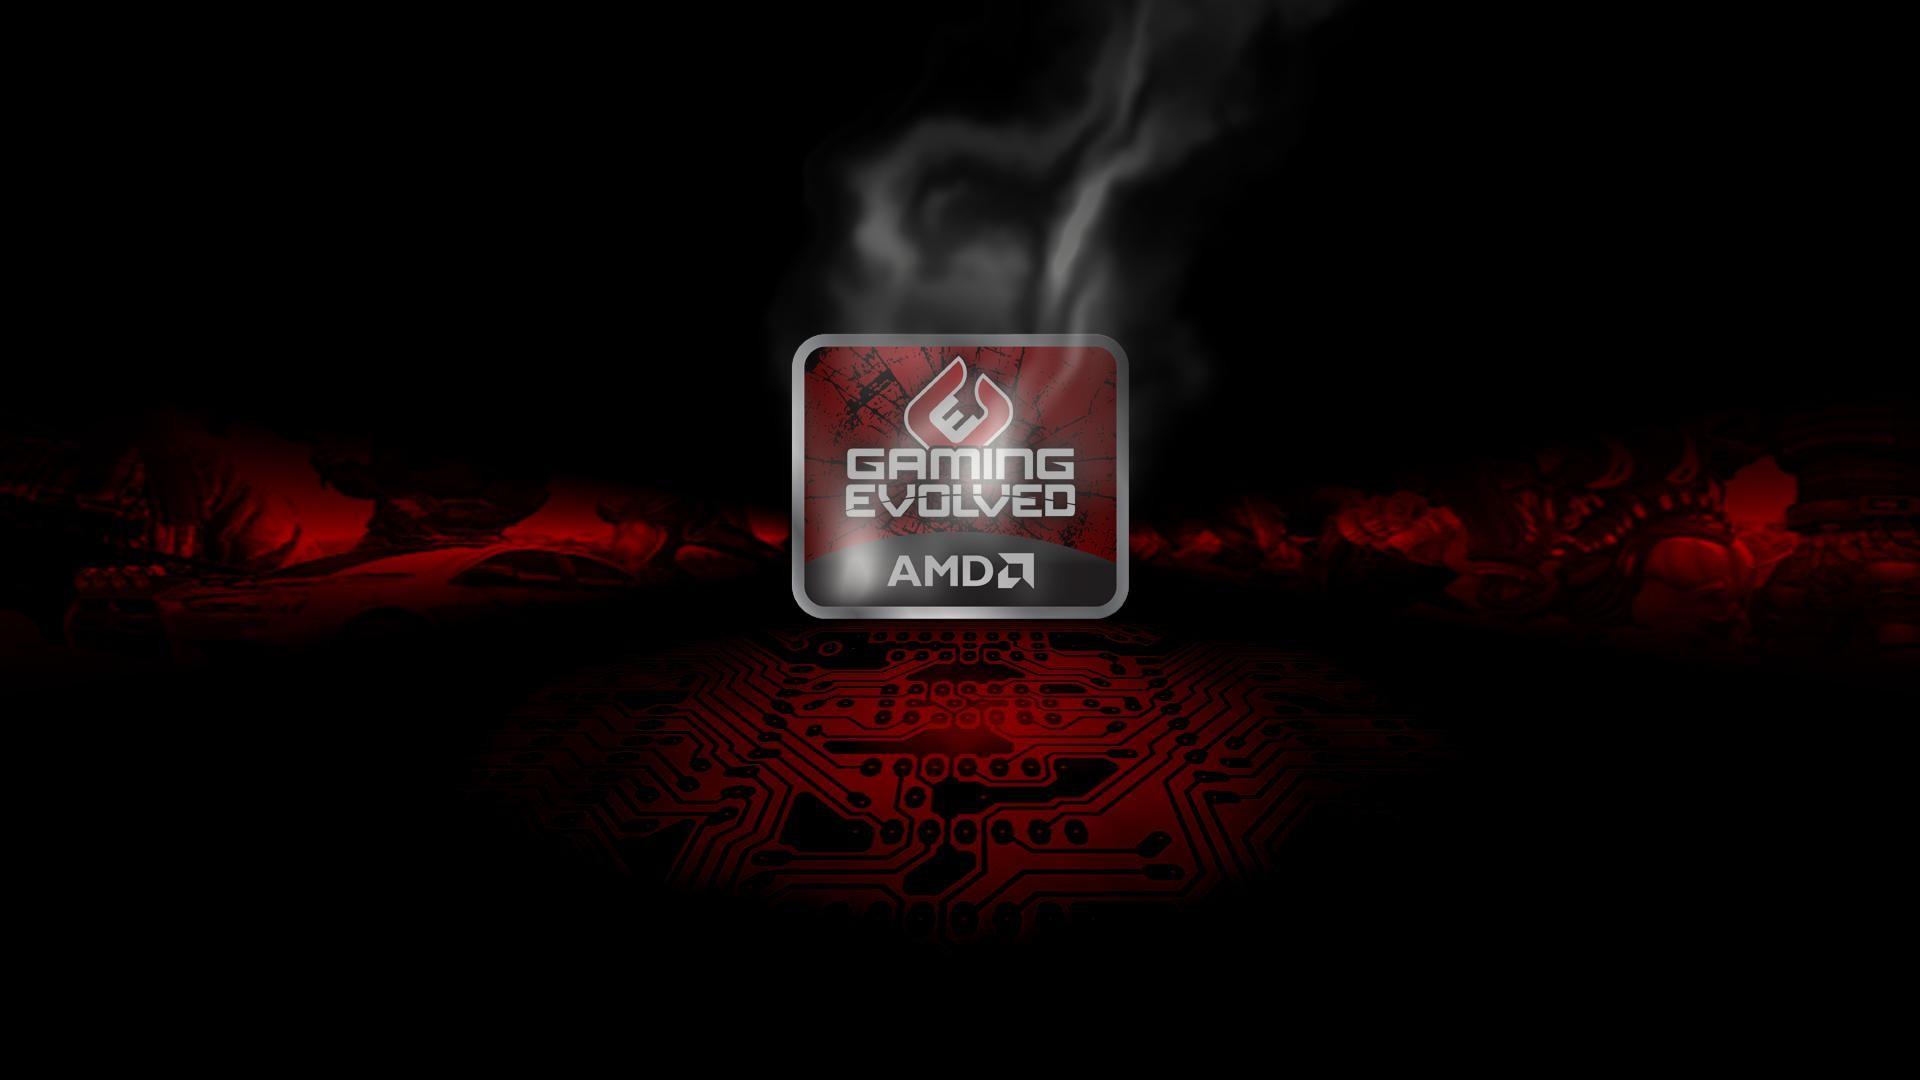 AMD HD Wallpaper – WallpaperSafari